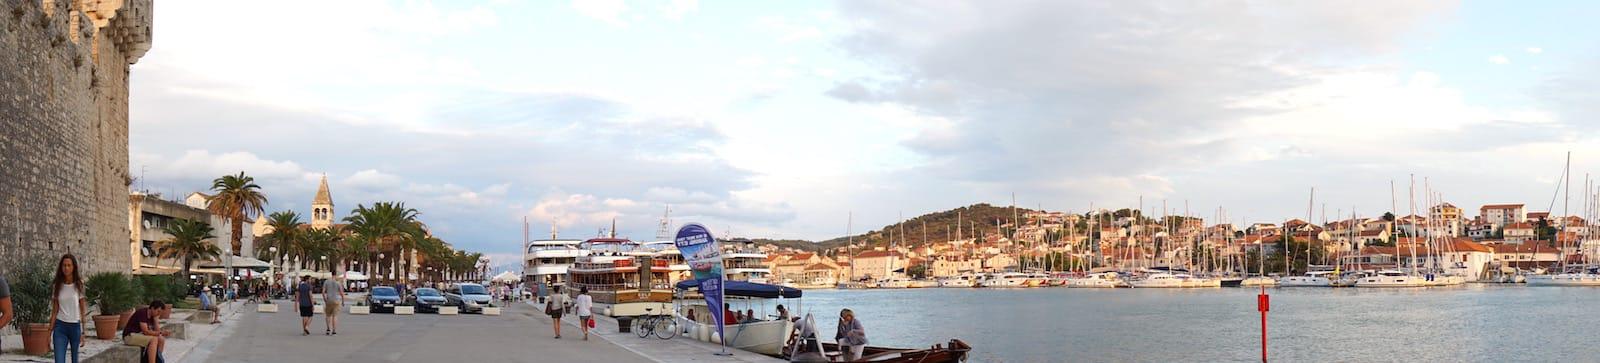 Am Altstadthafen von Trogir – Foto: Beate Ziehres